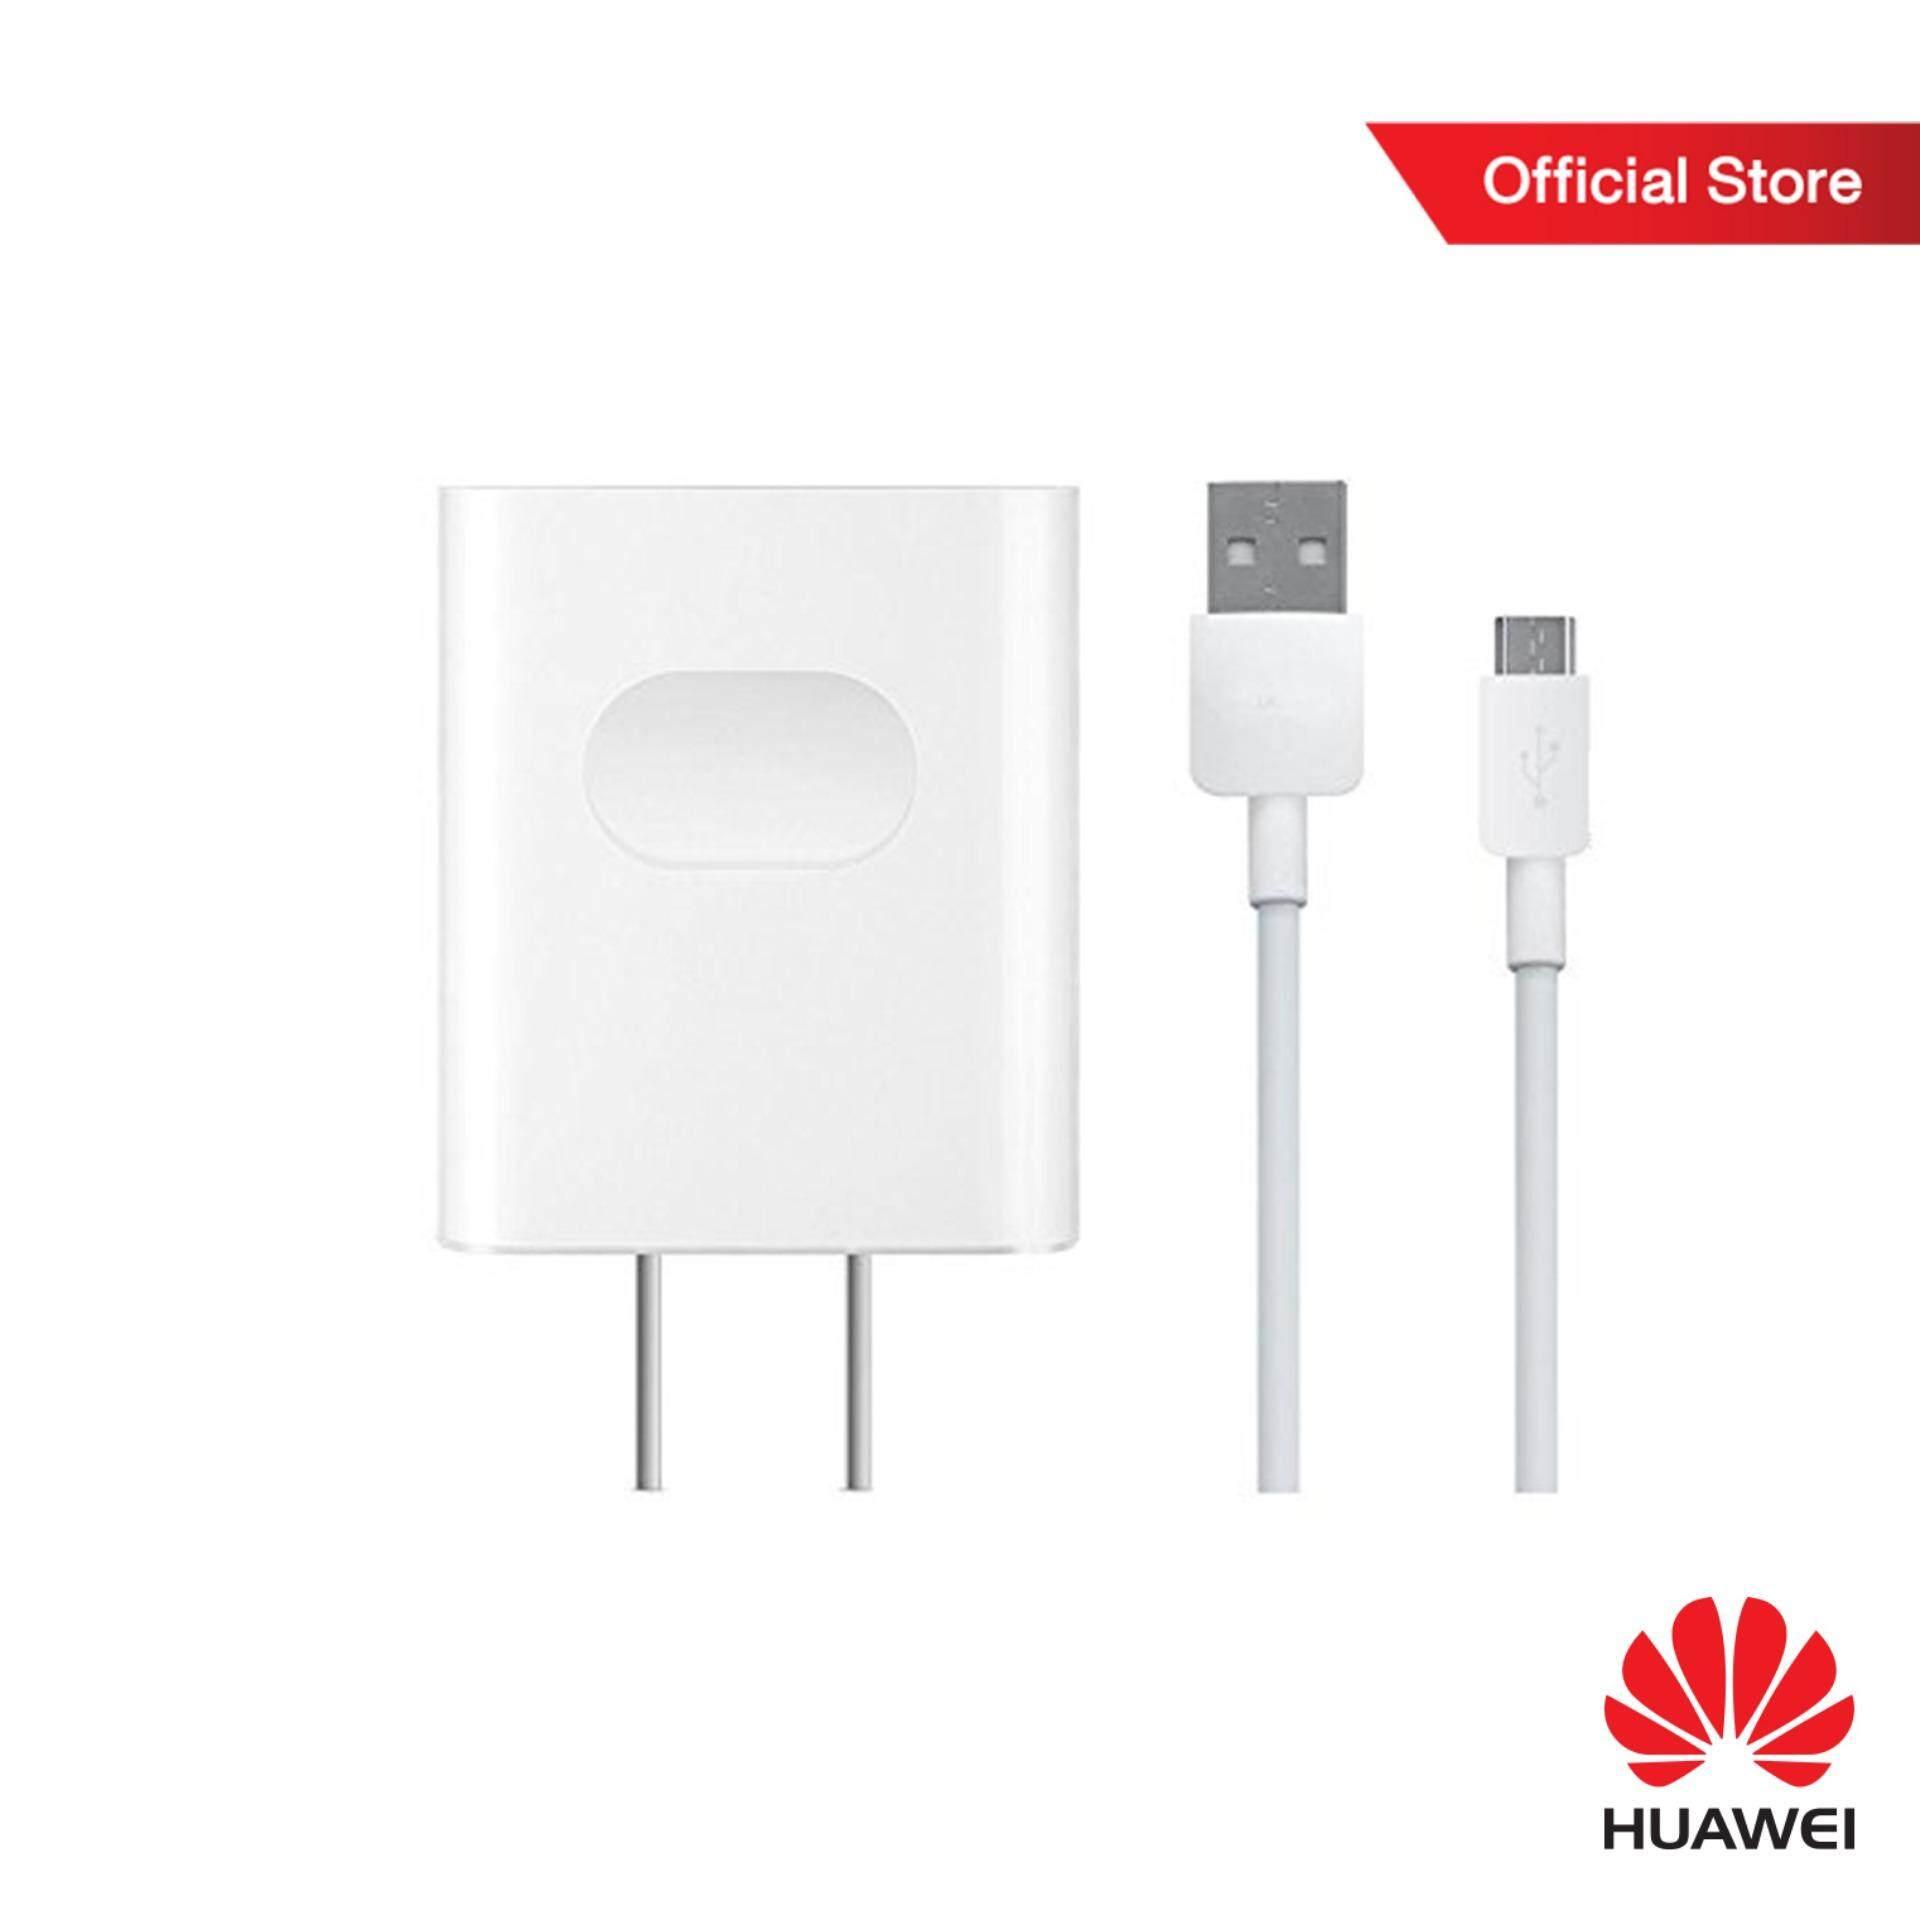 ขาย ซื้อ Huawei 9V2A Quick Charger Micro Usb ใน กรุงเทพมหานคร